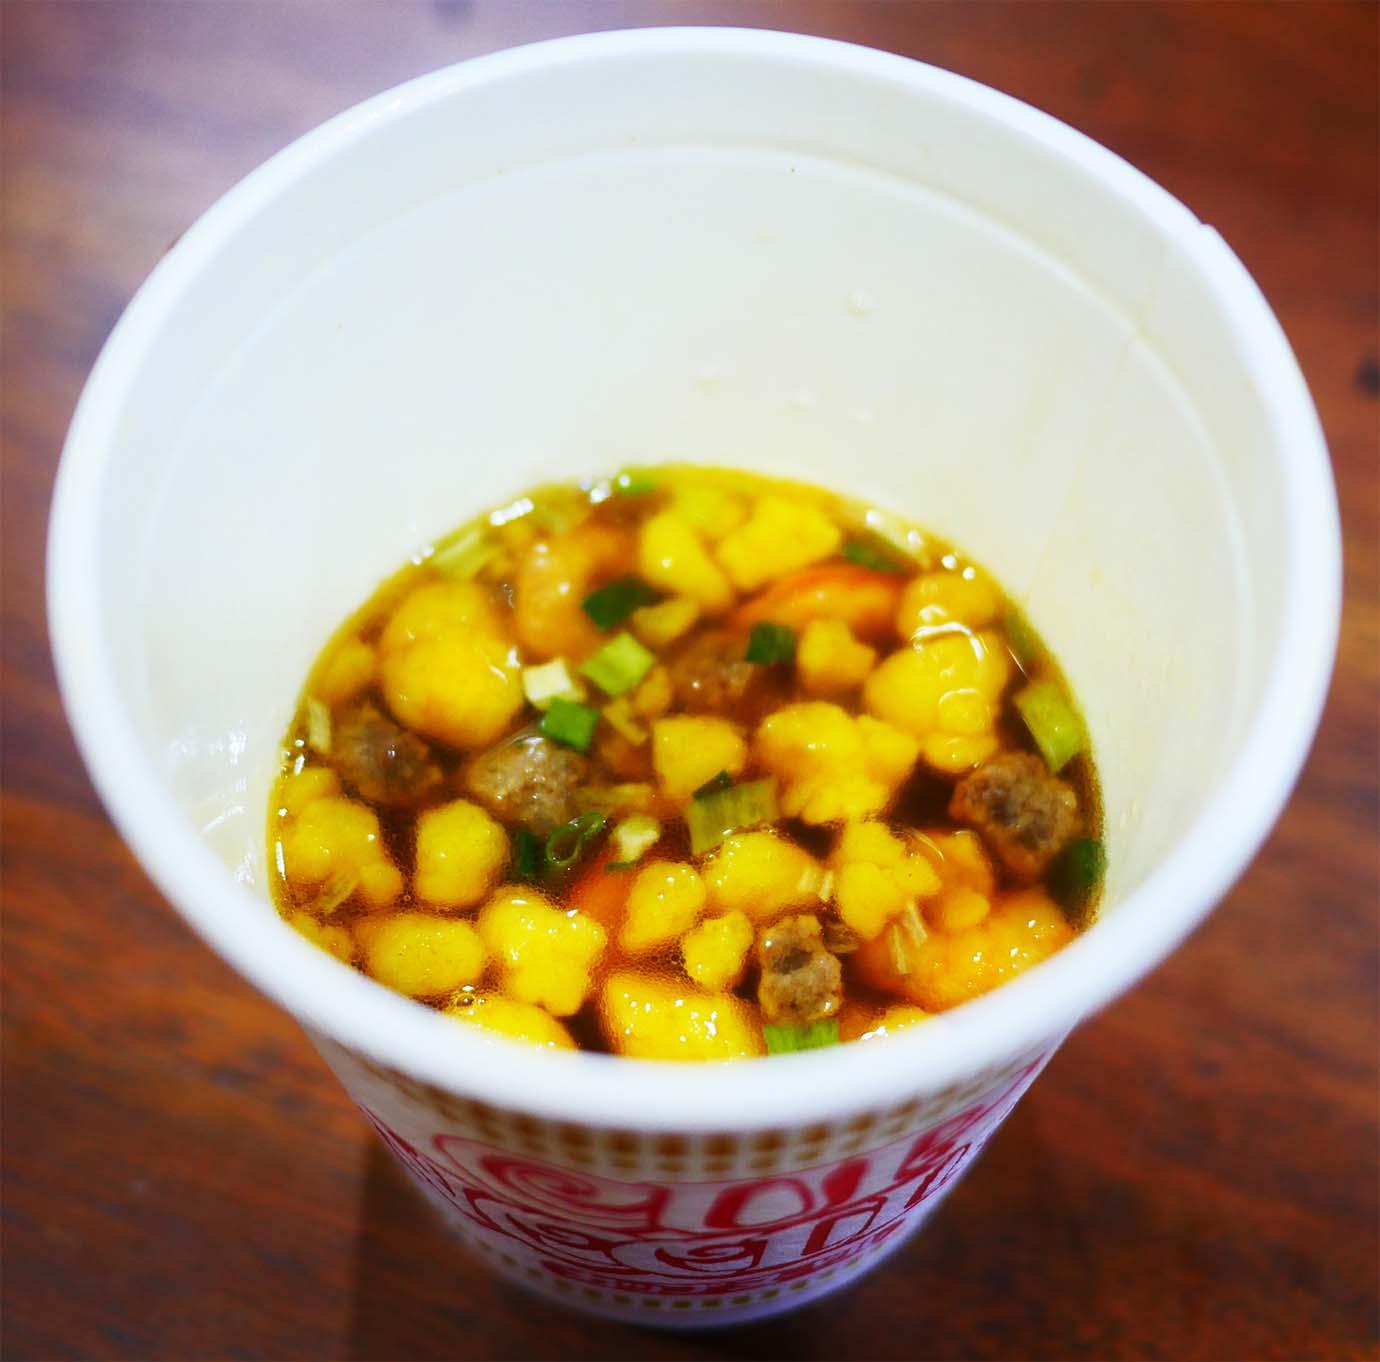 cup-noodles-chawanmushi-news7